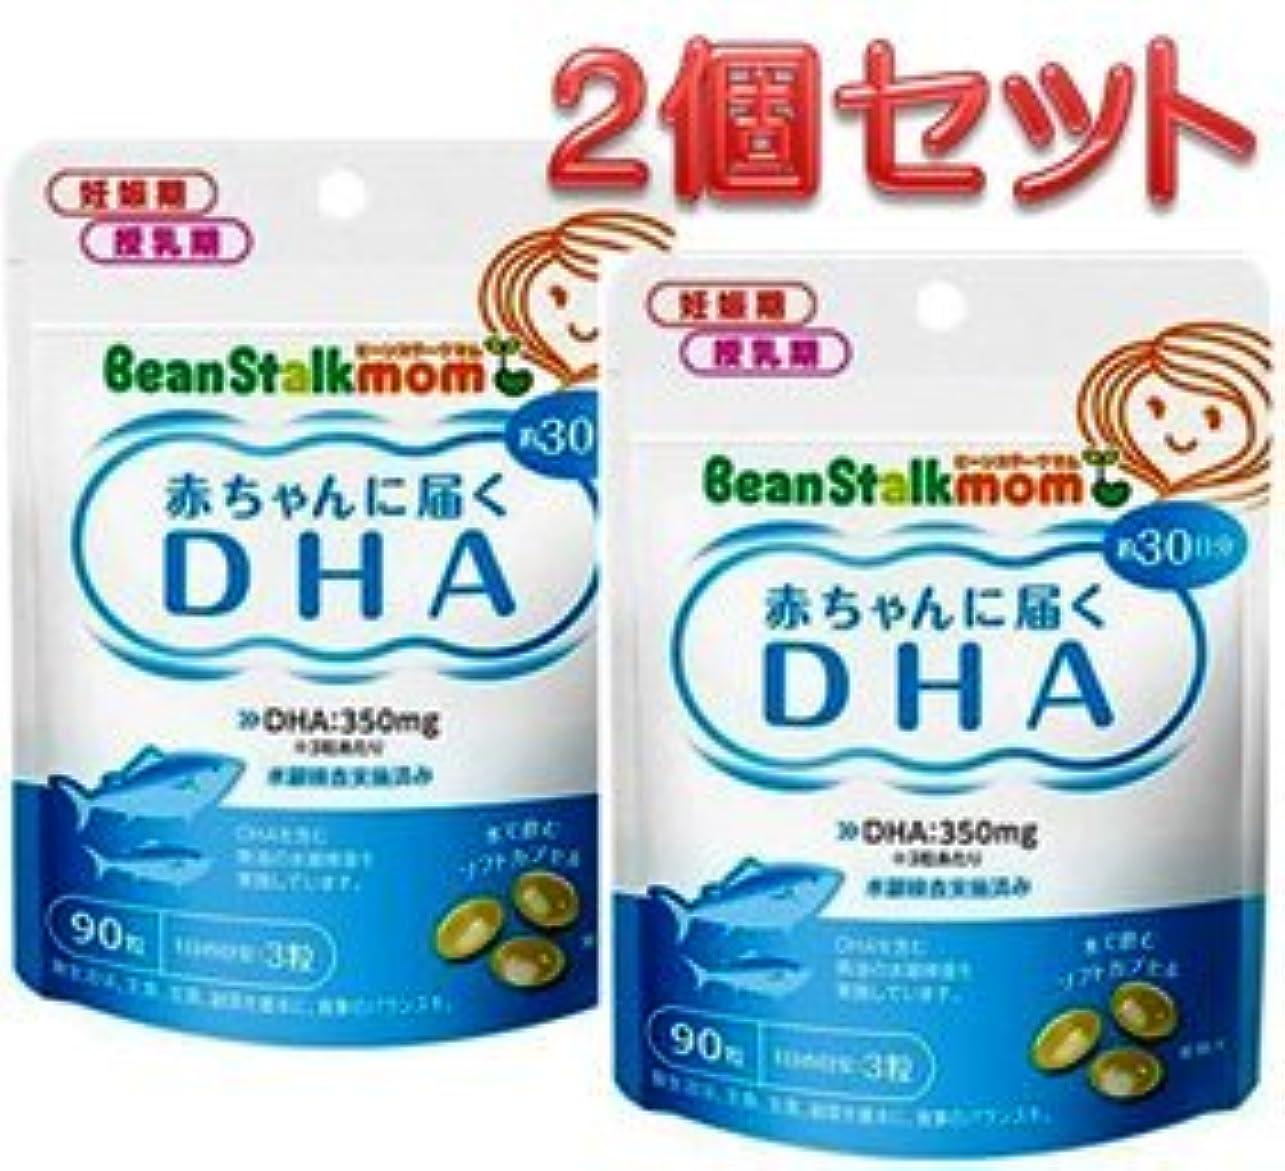 会議警報コールドビーンスターク?スノー ビーンスタークマム 母乳にいいもの赤ちゃんに届くDHA90粒(30日分) ×2個セット2か月分